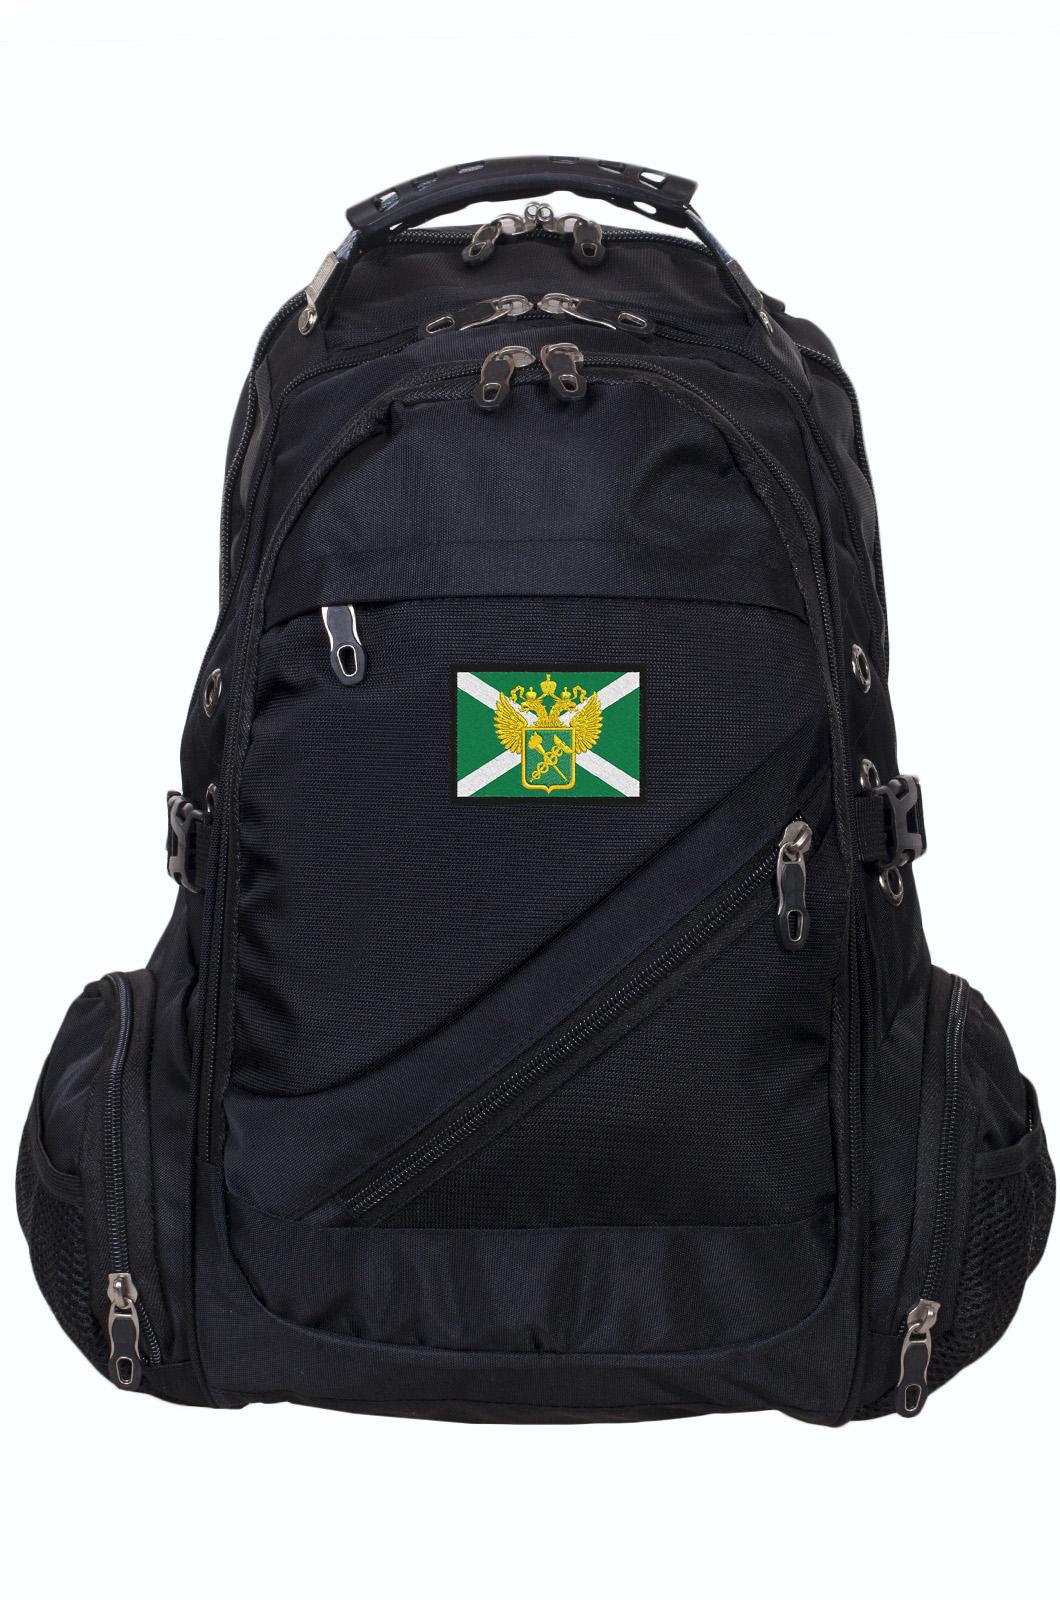 Черный молодежный рюкзак с нашивкой Таможня